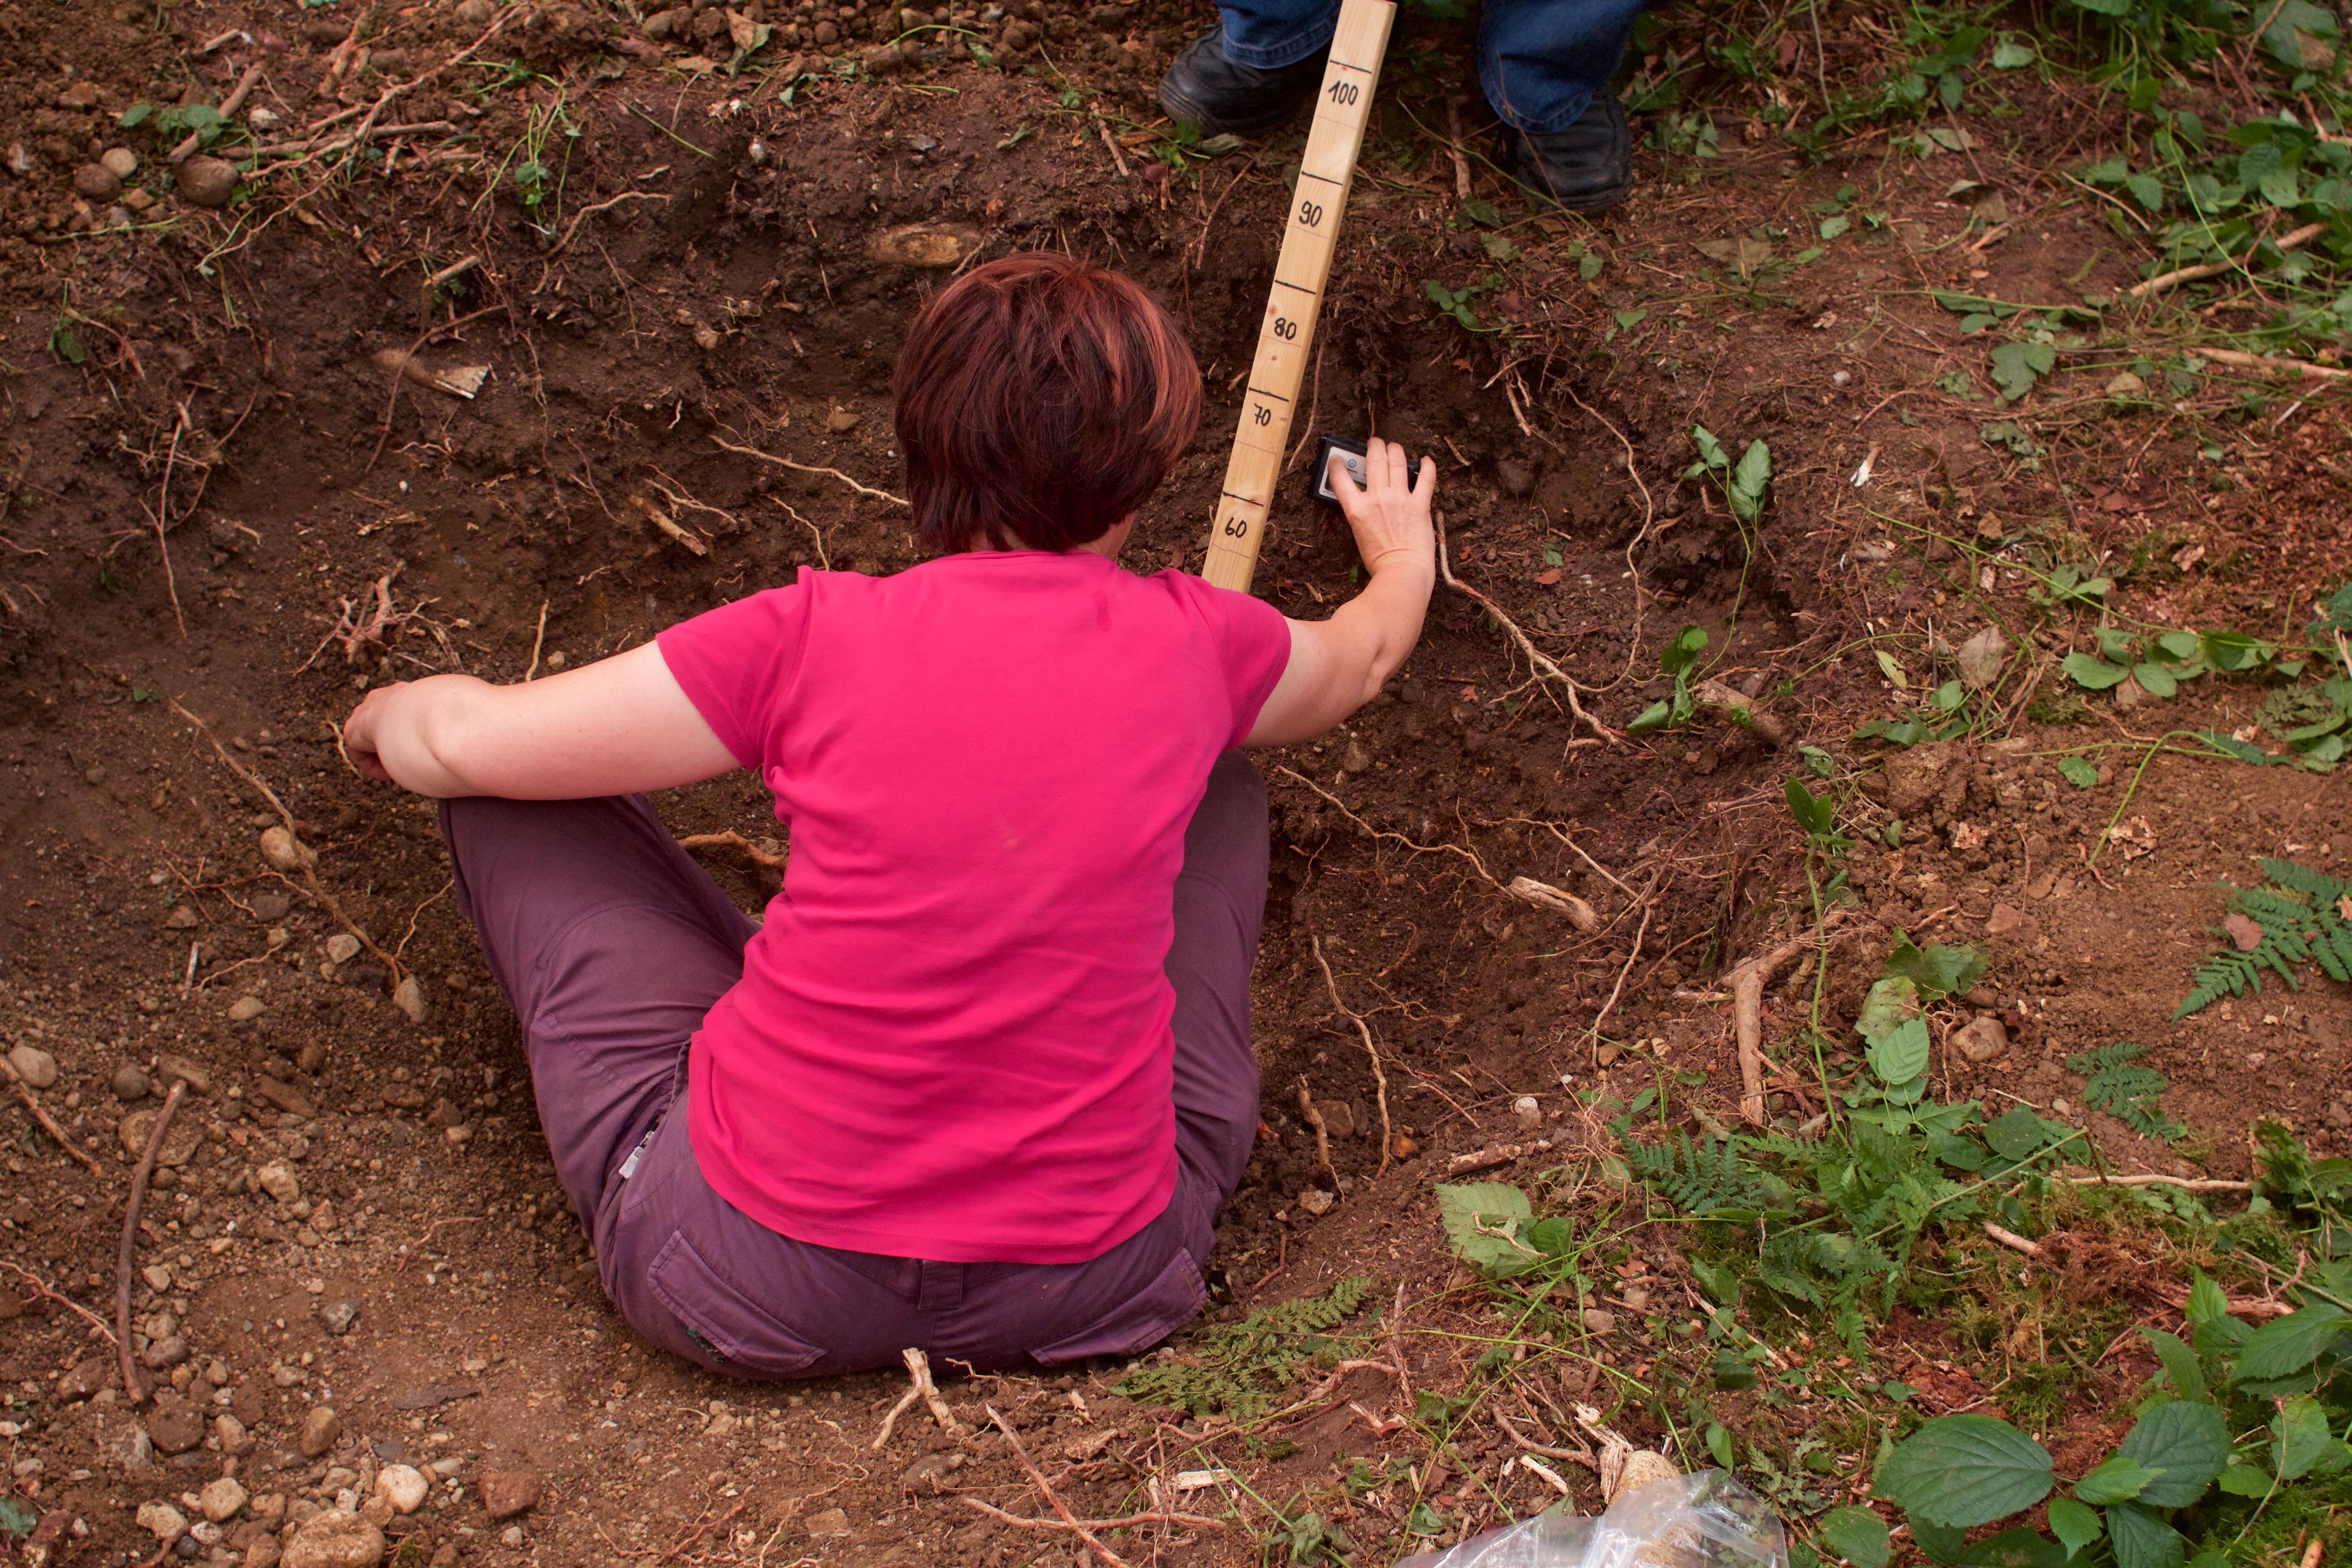 Suszeptibilität Messung Krater Chiemgau Impakt